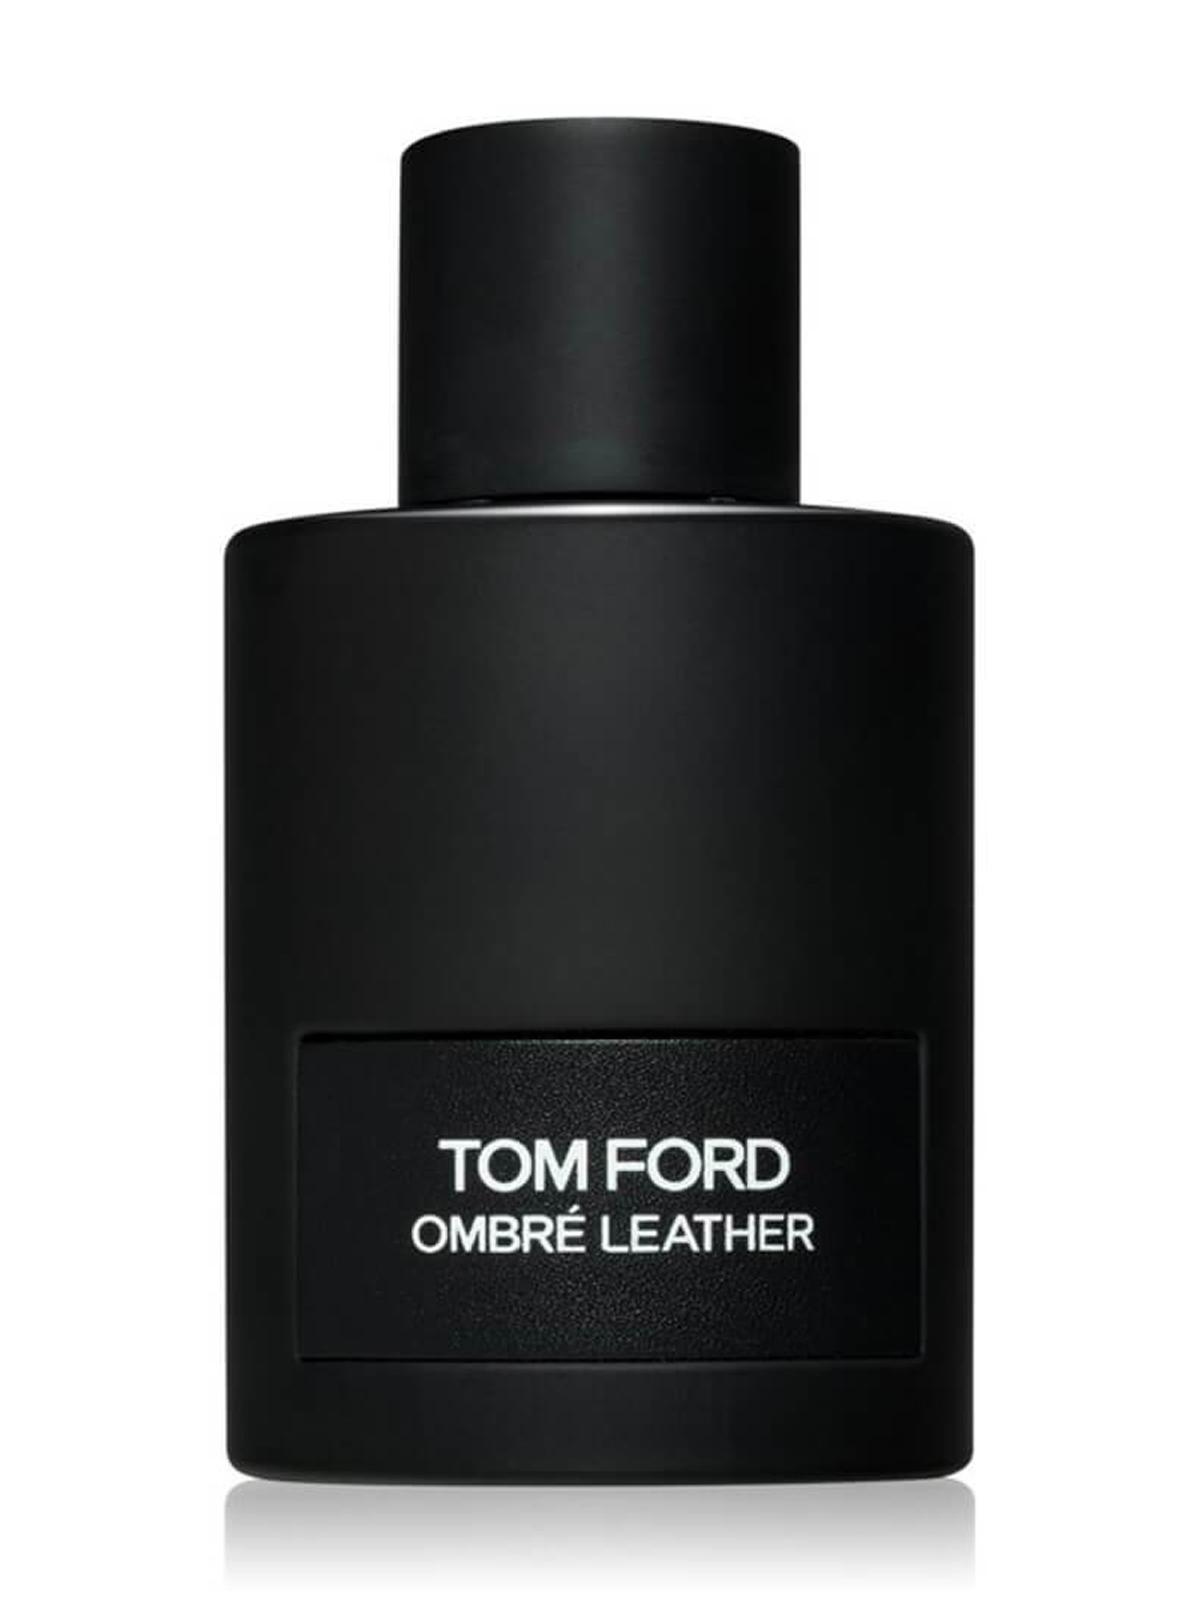 Tom Ford Ombre Leather For Unisex Eau De Parfum 100ML